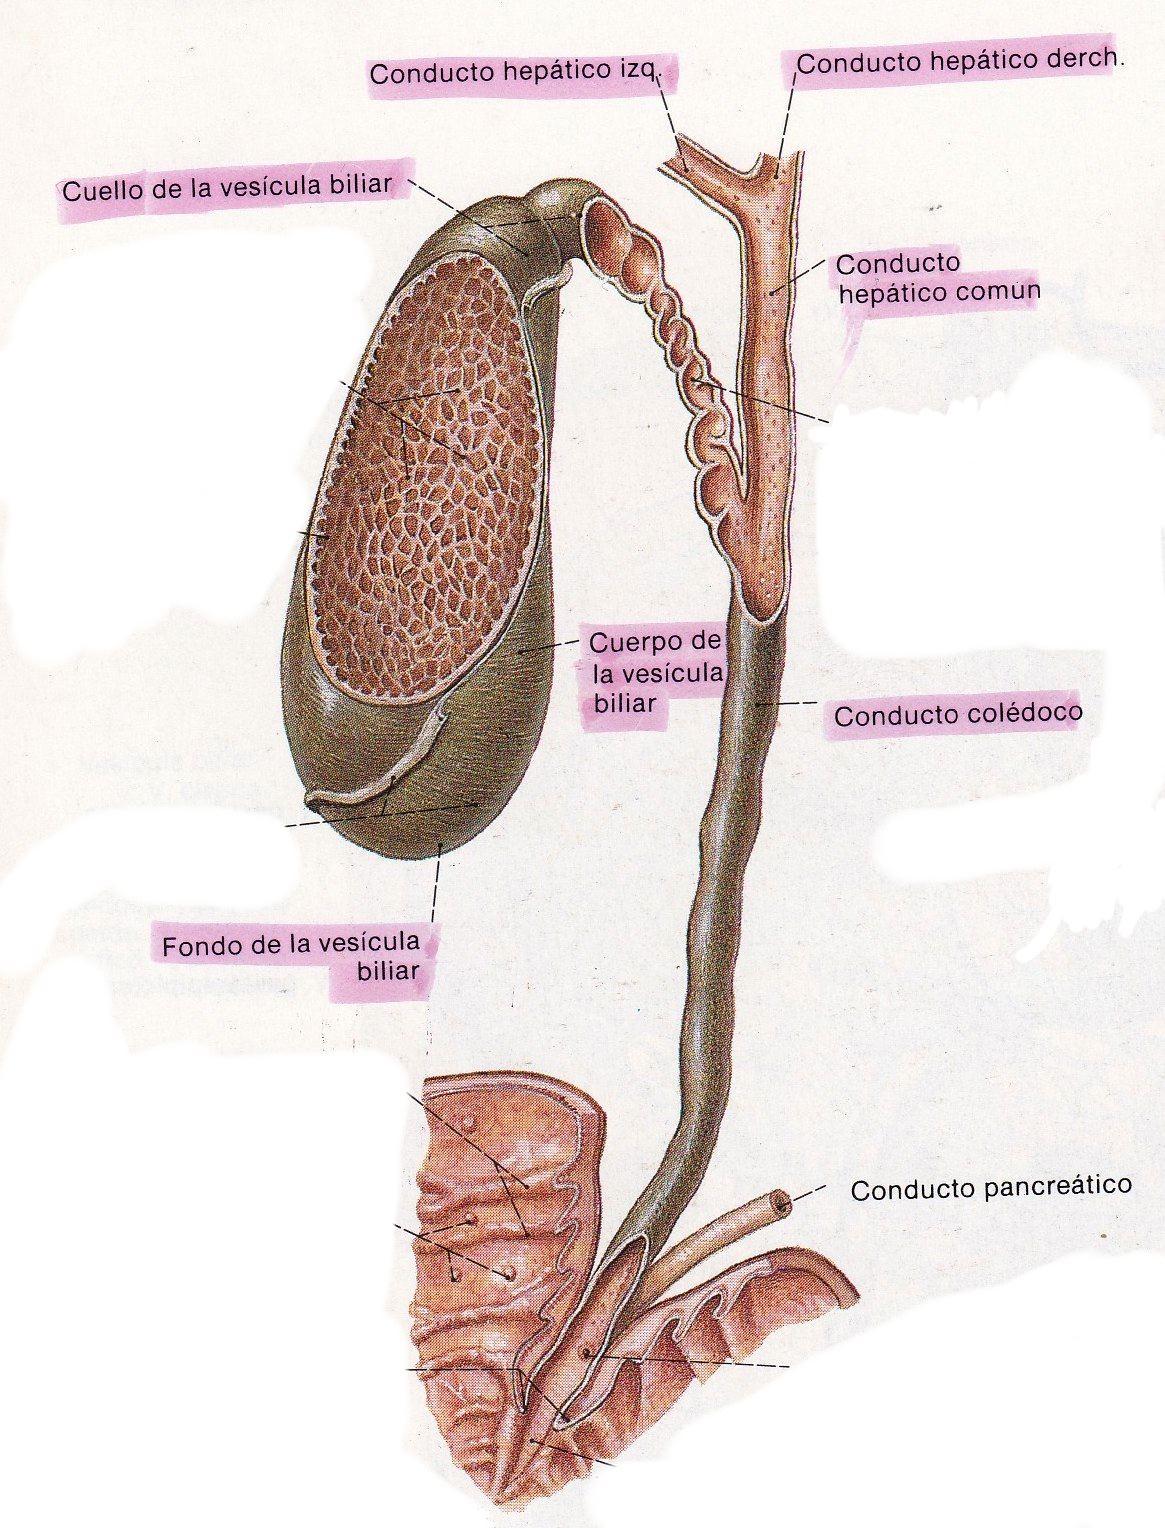 Sobre algunos tópicos quirúrgicos...: ¡Tengo piedras en la vesícula!